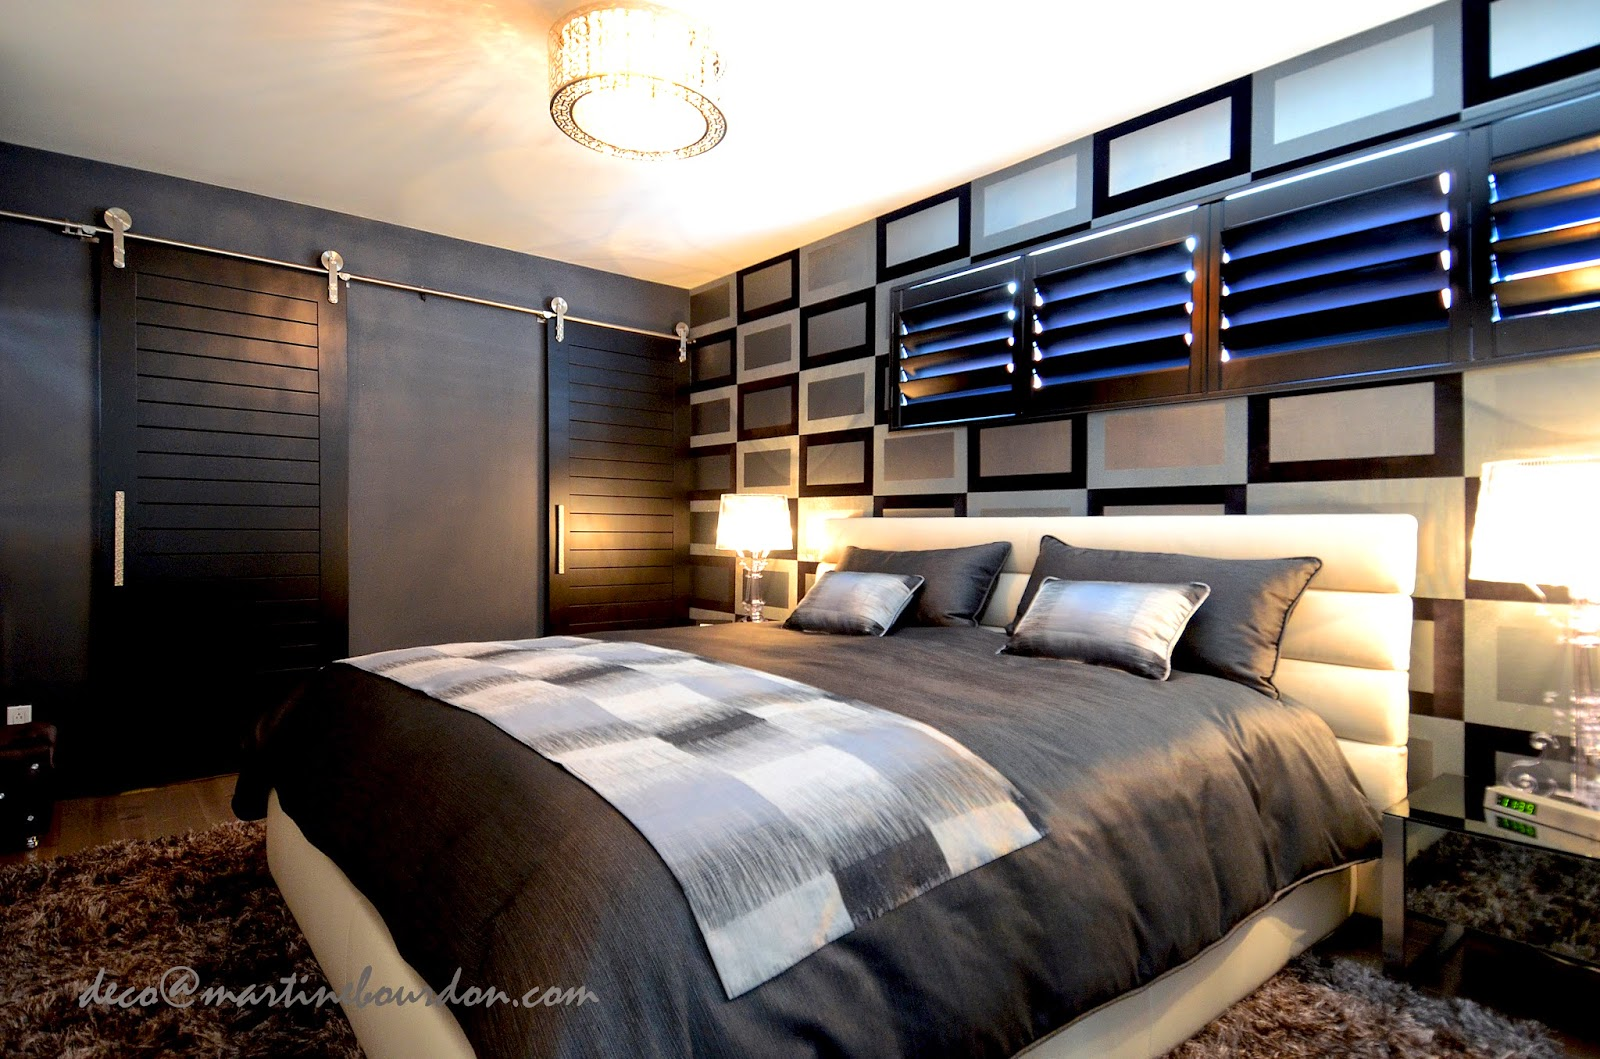 L 39 espace d co un condo une chambre coucher et du style for Photo de chambre a coucher moderne